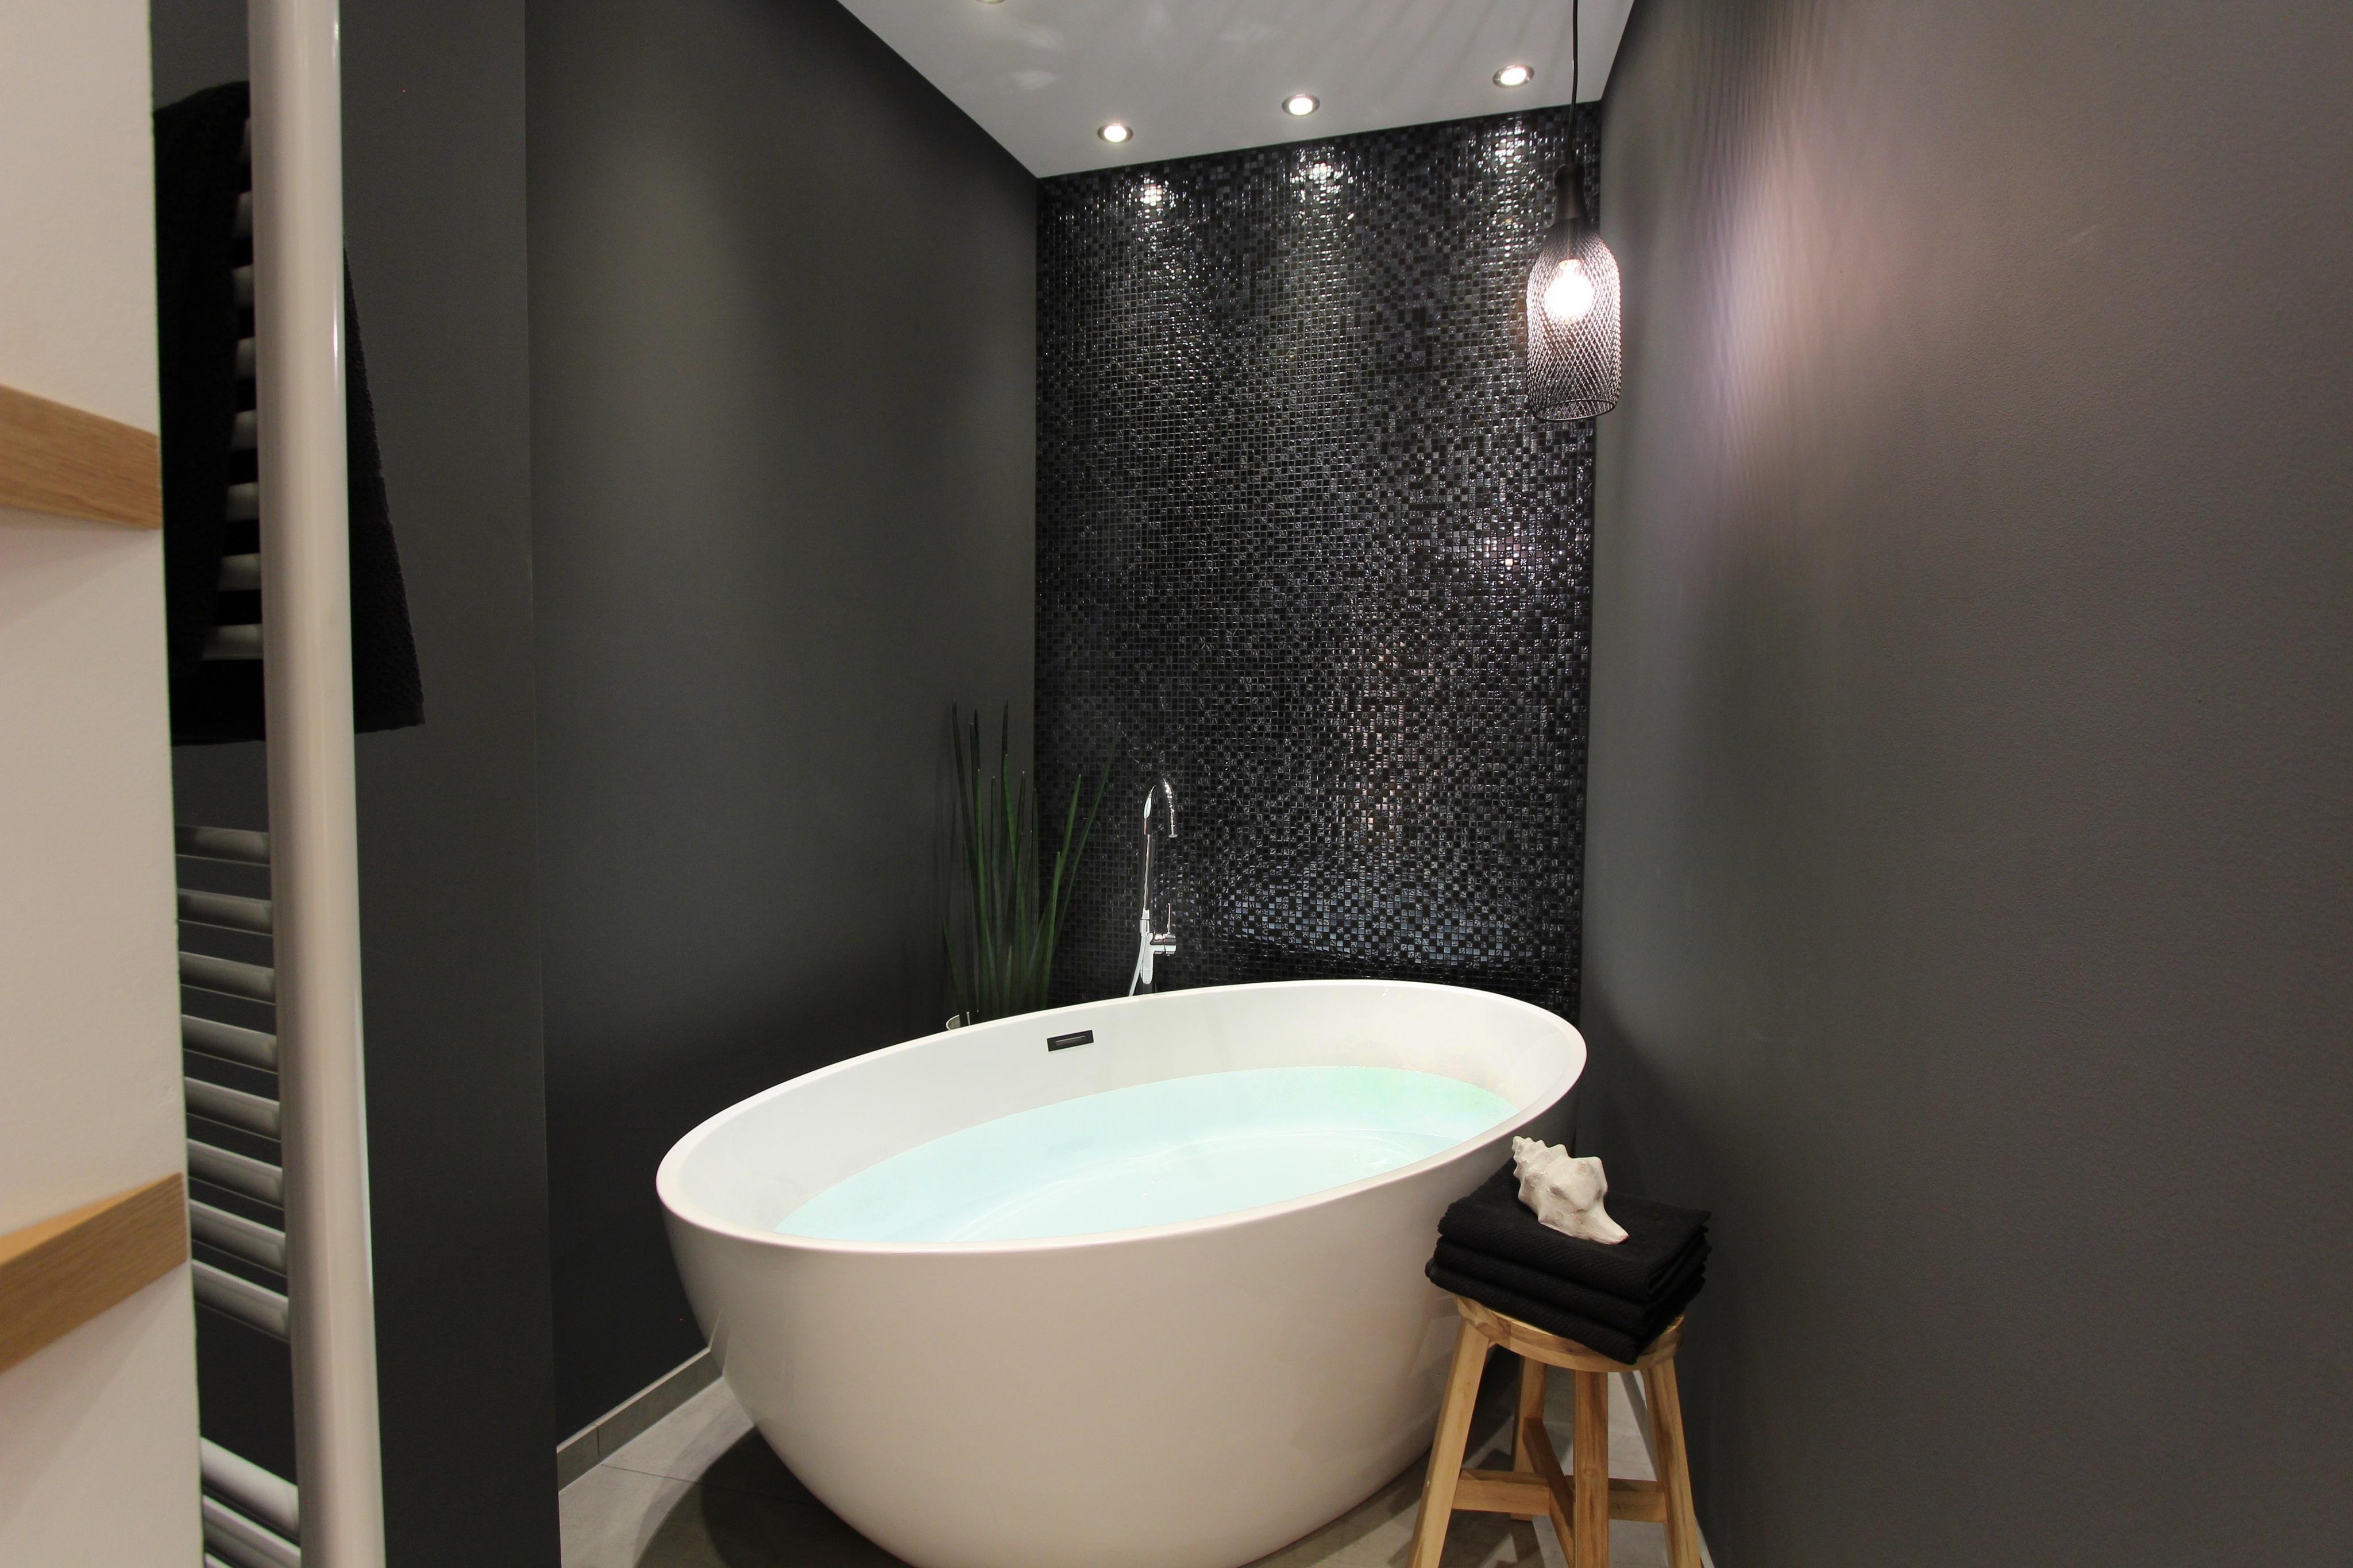 freistehende badewanne • bilder & ideen • couchstyle, Hause deko